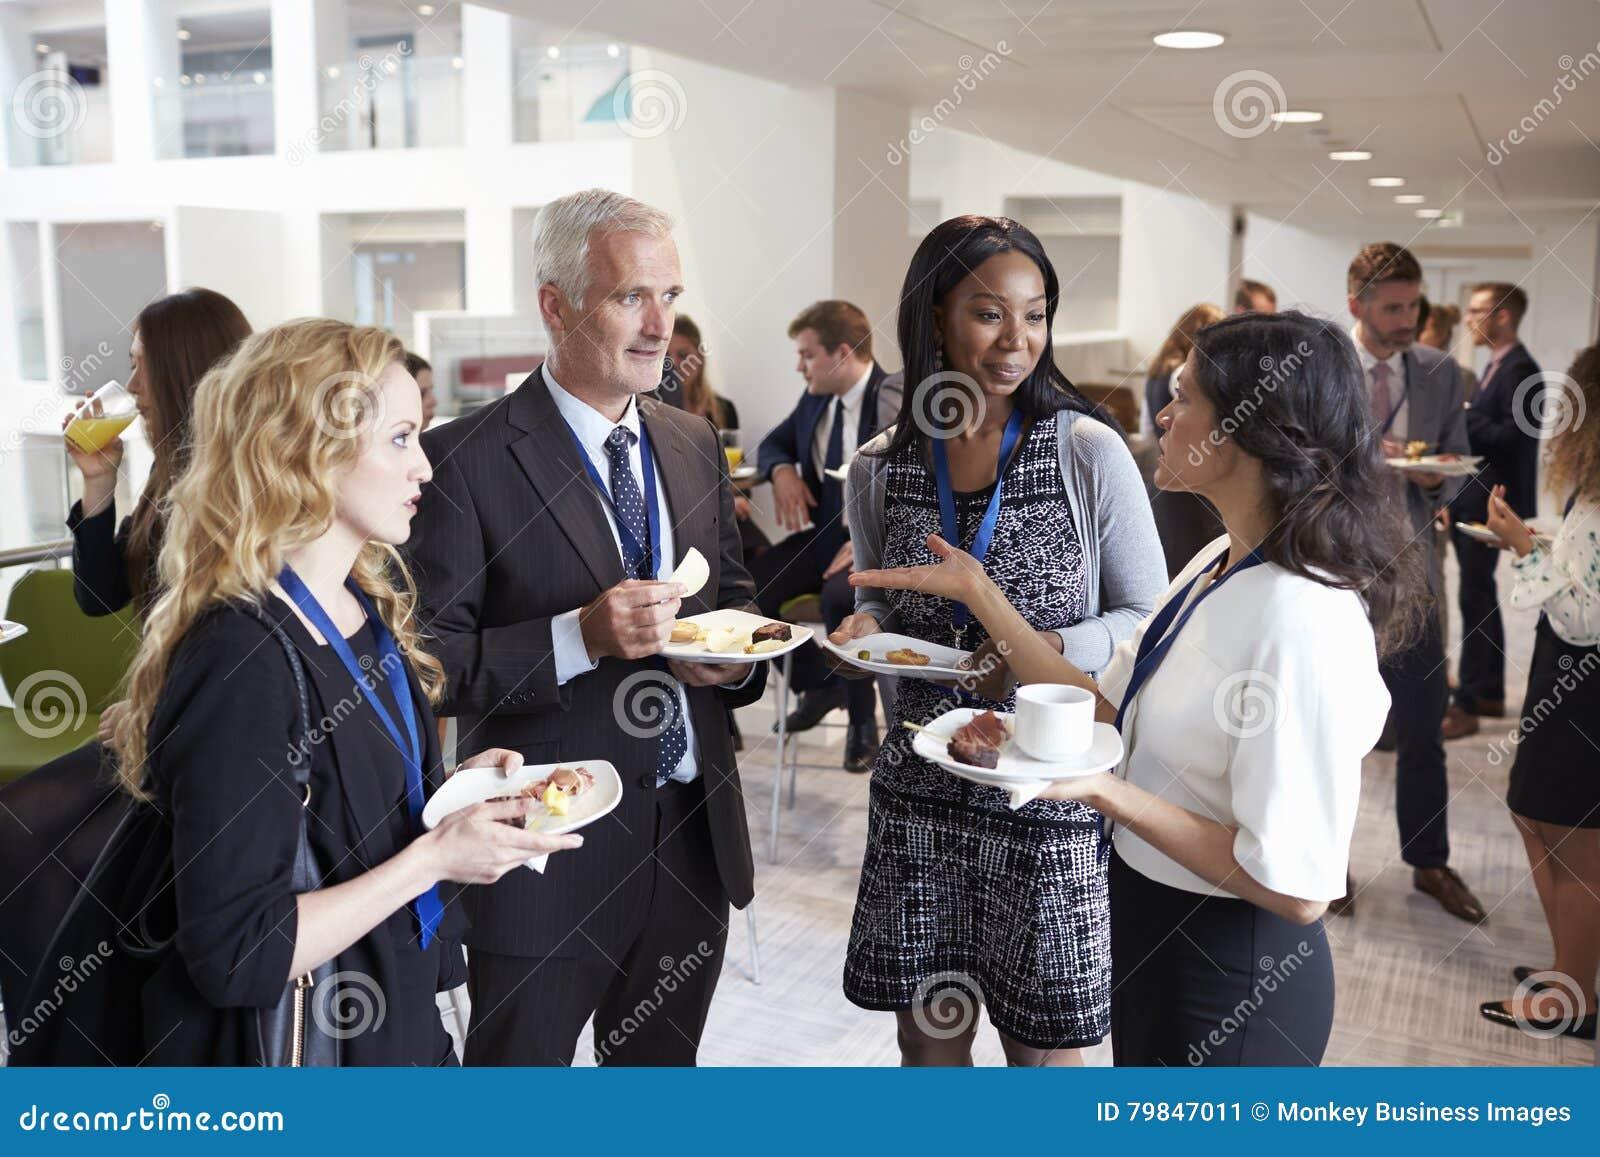 Delegiert-Vernetzung während der Konferenz-Mittagspause